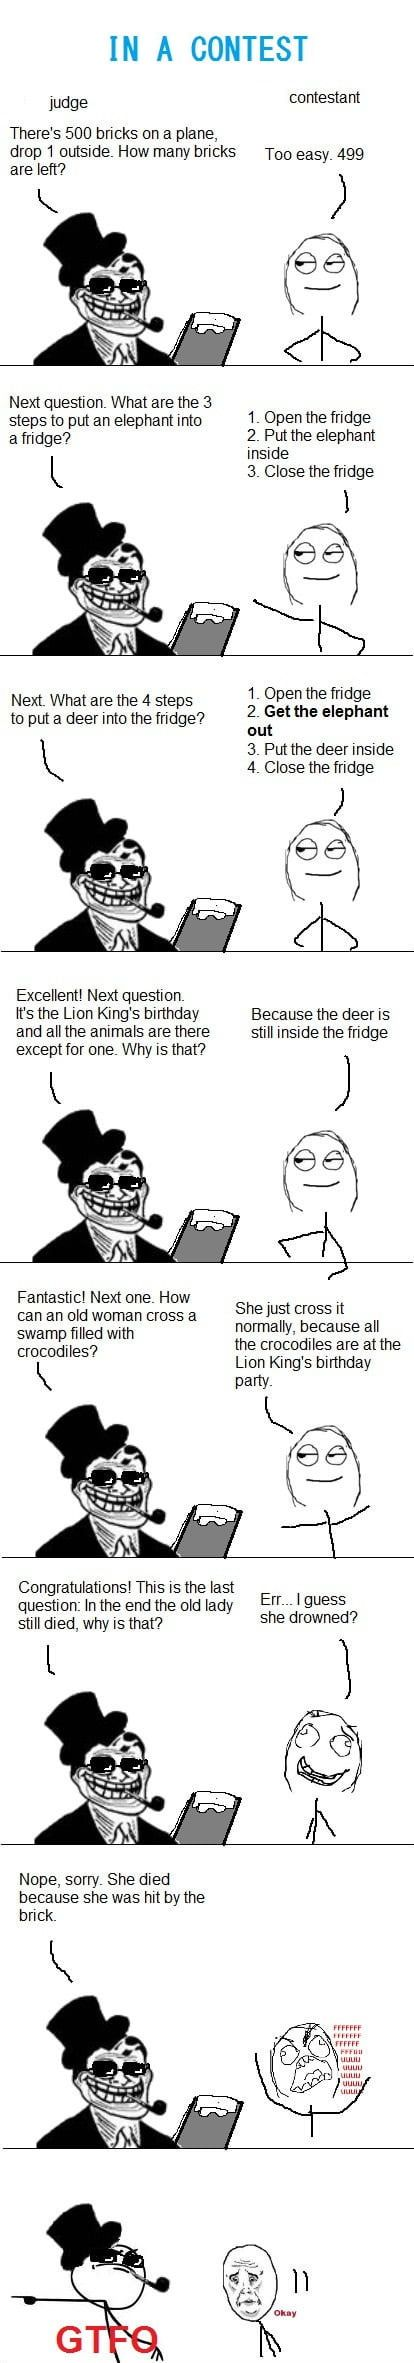 Troll judge